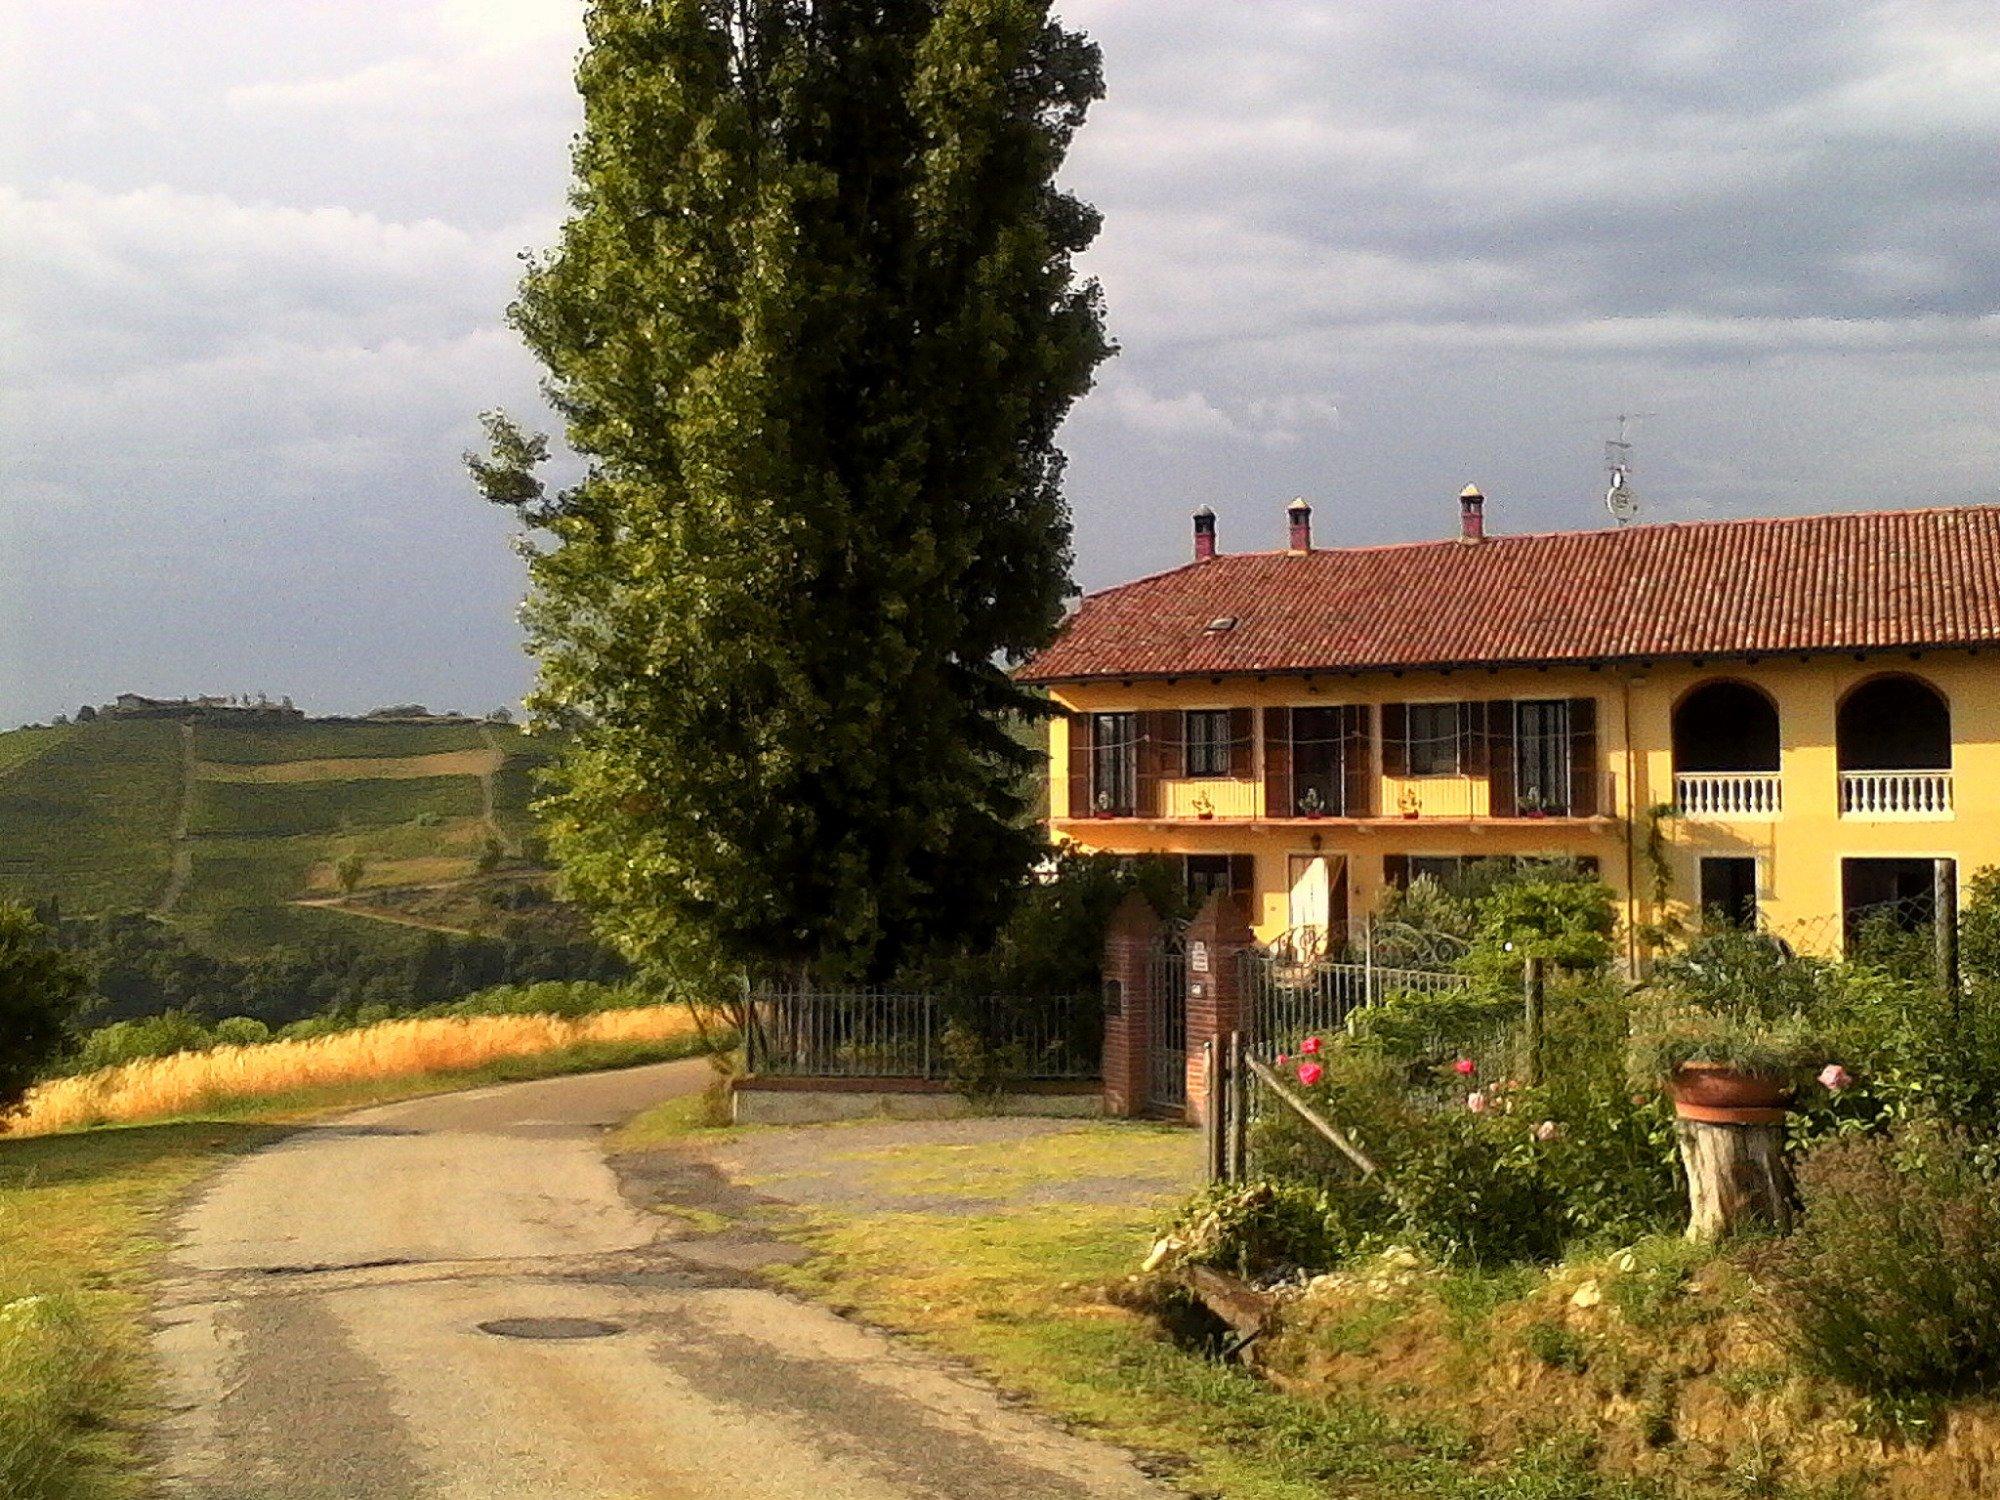 La Casa Dei Masue